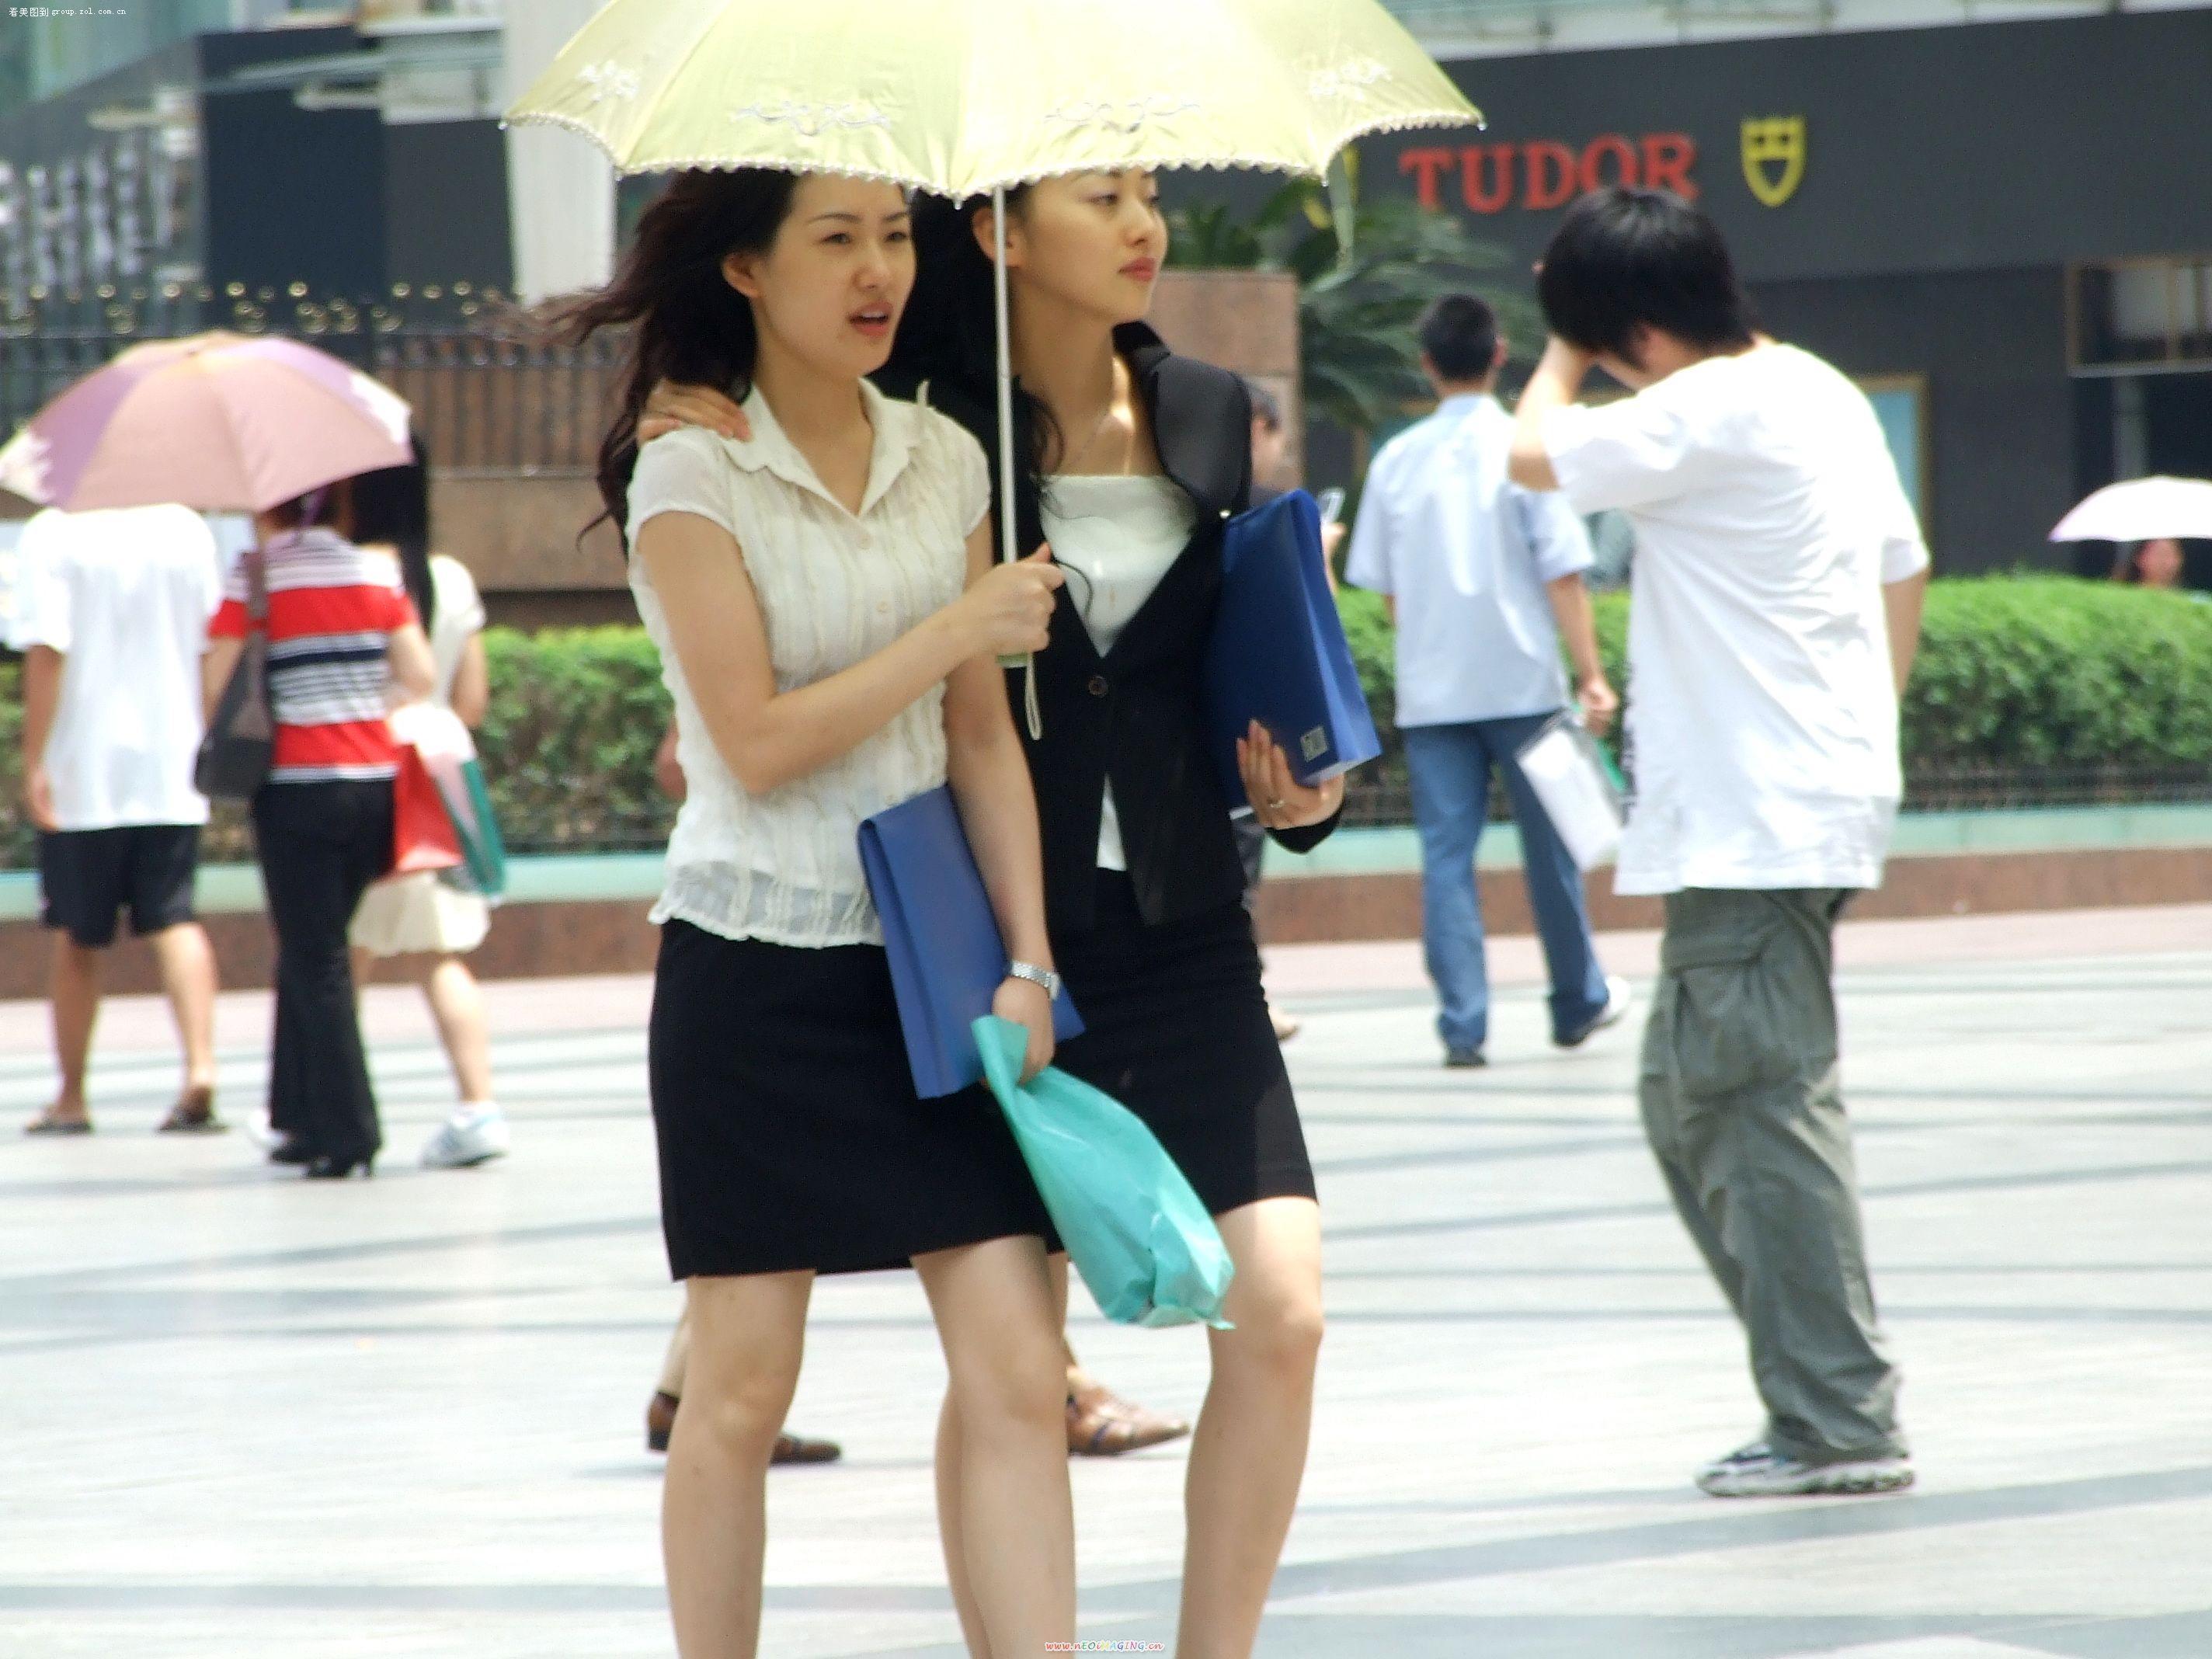 重庆街头随拍美女还是有的